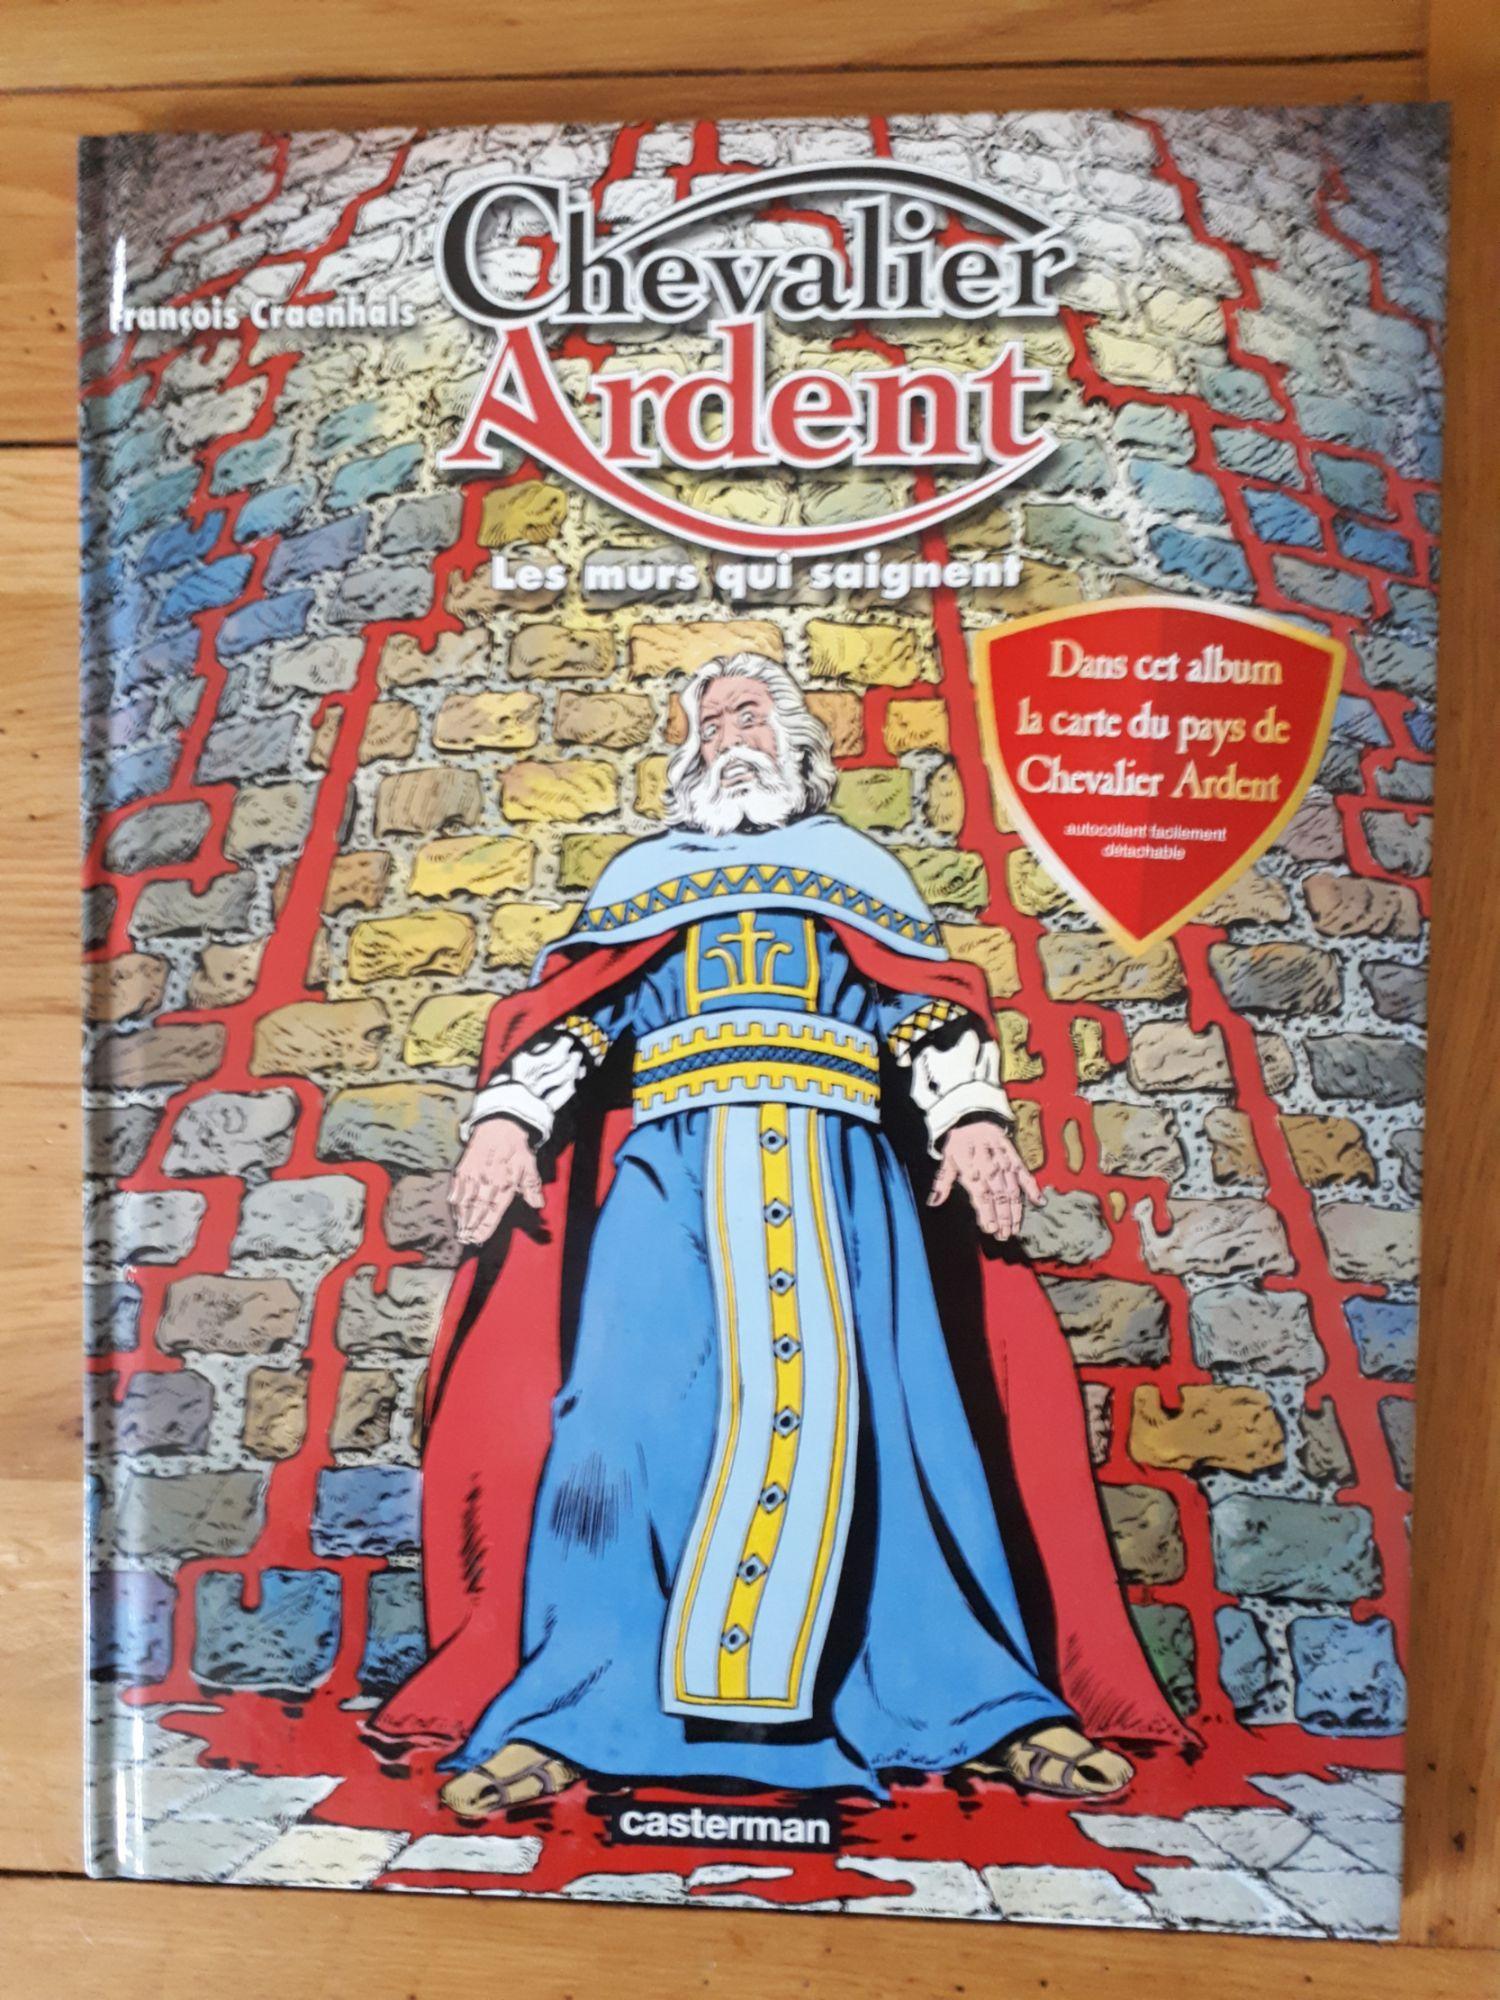 Chevalier Ardent, tome 20 - Les Murs qui saignent